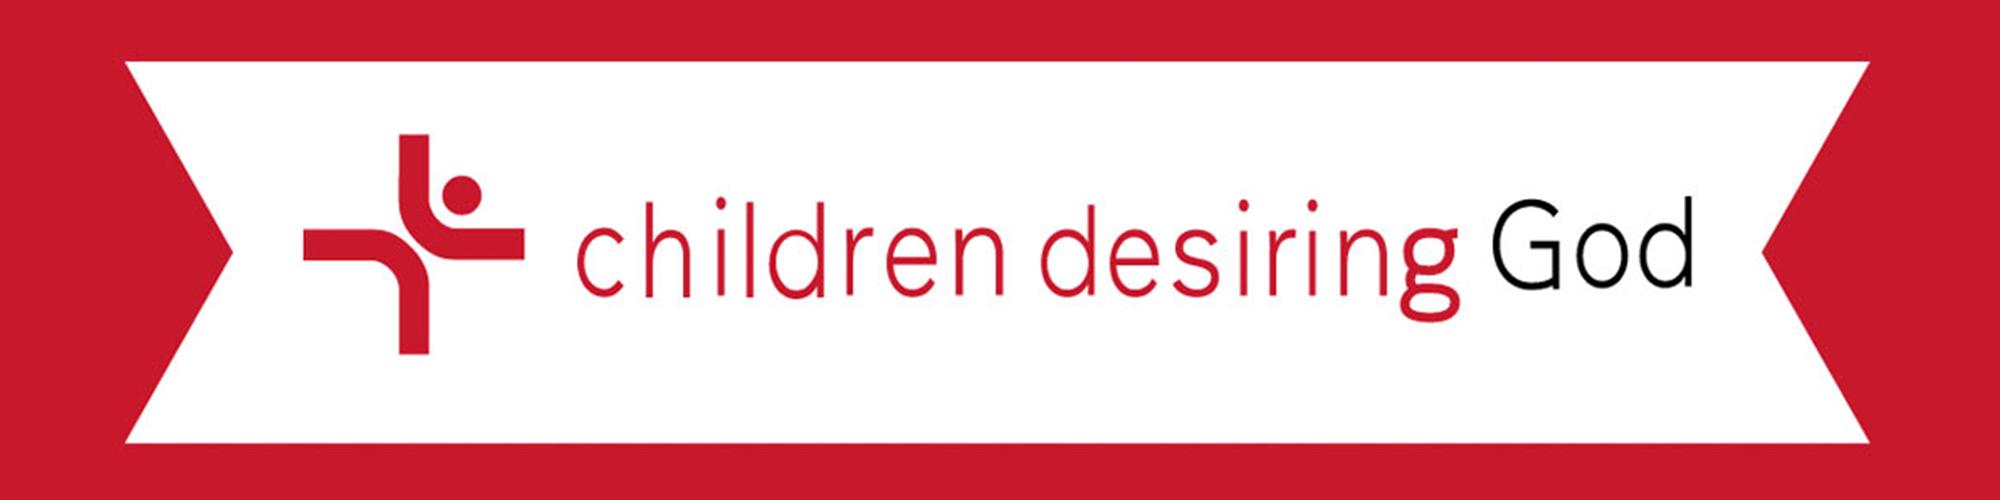 children desiring god curriculum review